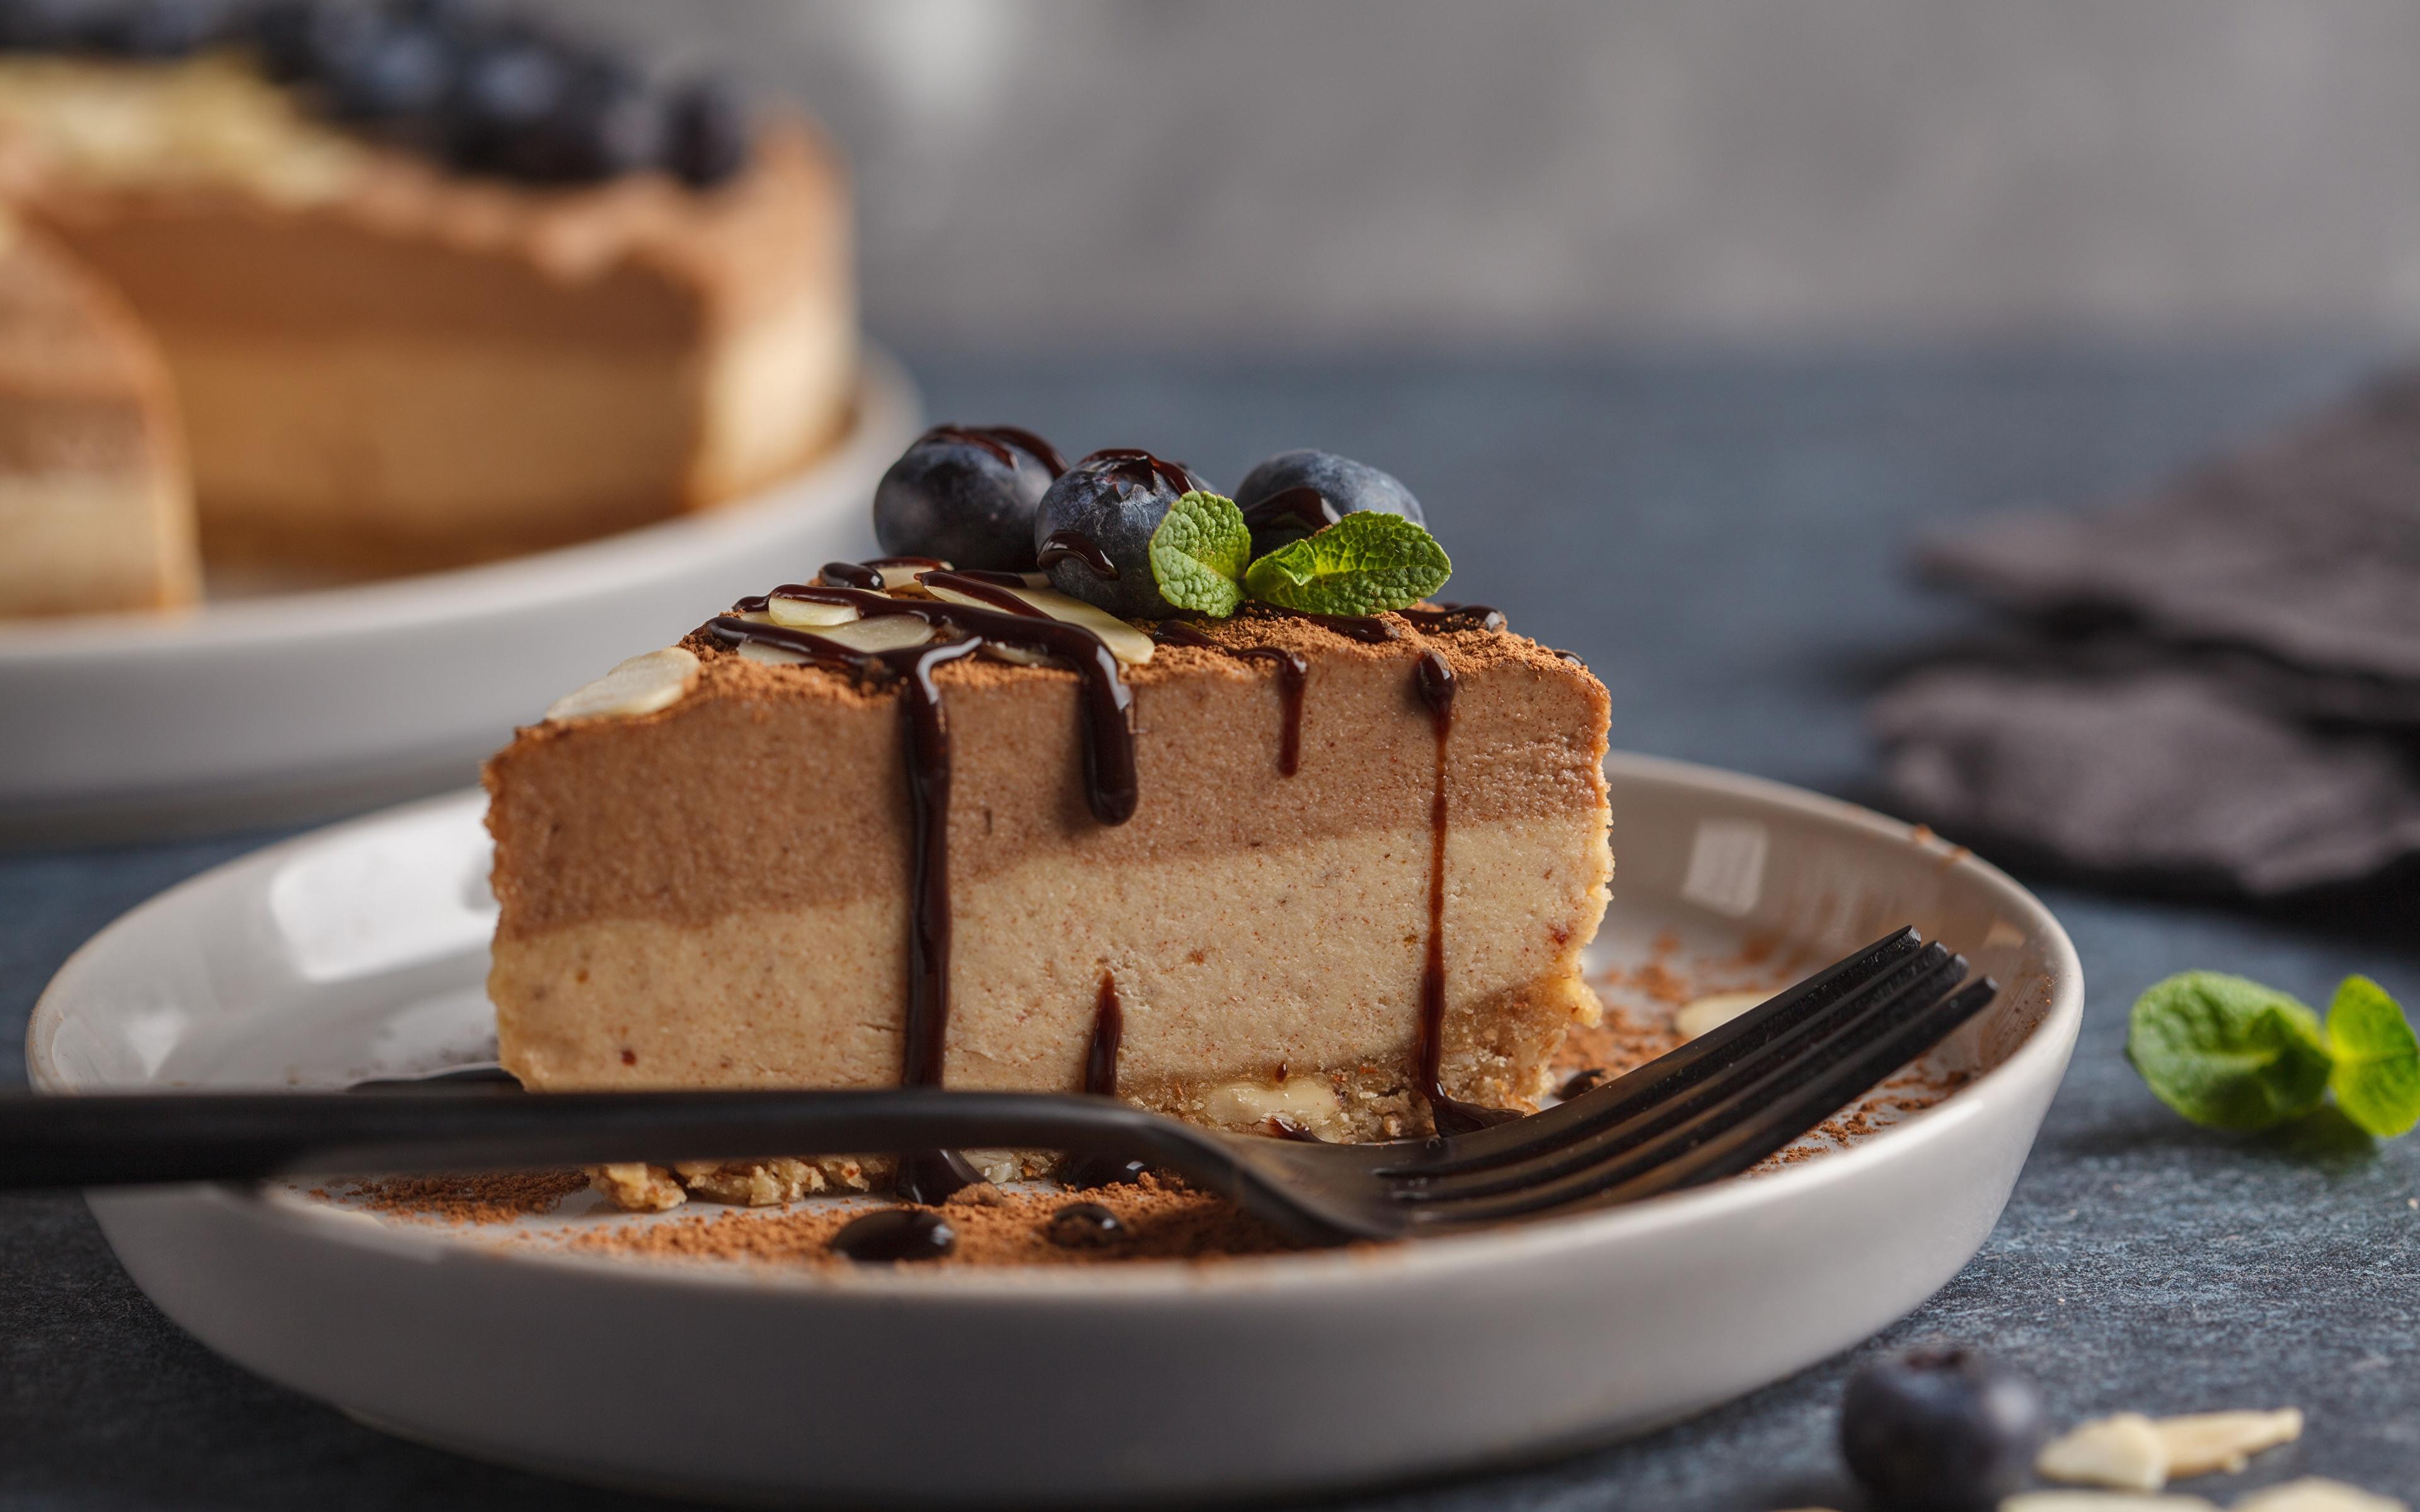 Картинки Шоколад Торты кусочек Пища Вилка столовая 3840x2400 часть Кусок кусочки Еда вилки Продукты питания